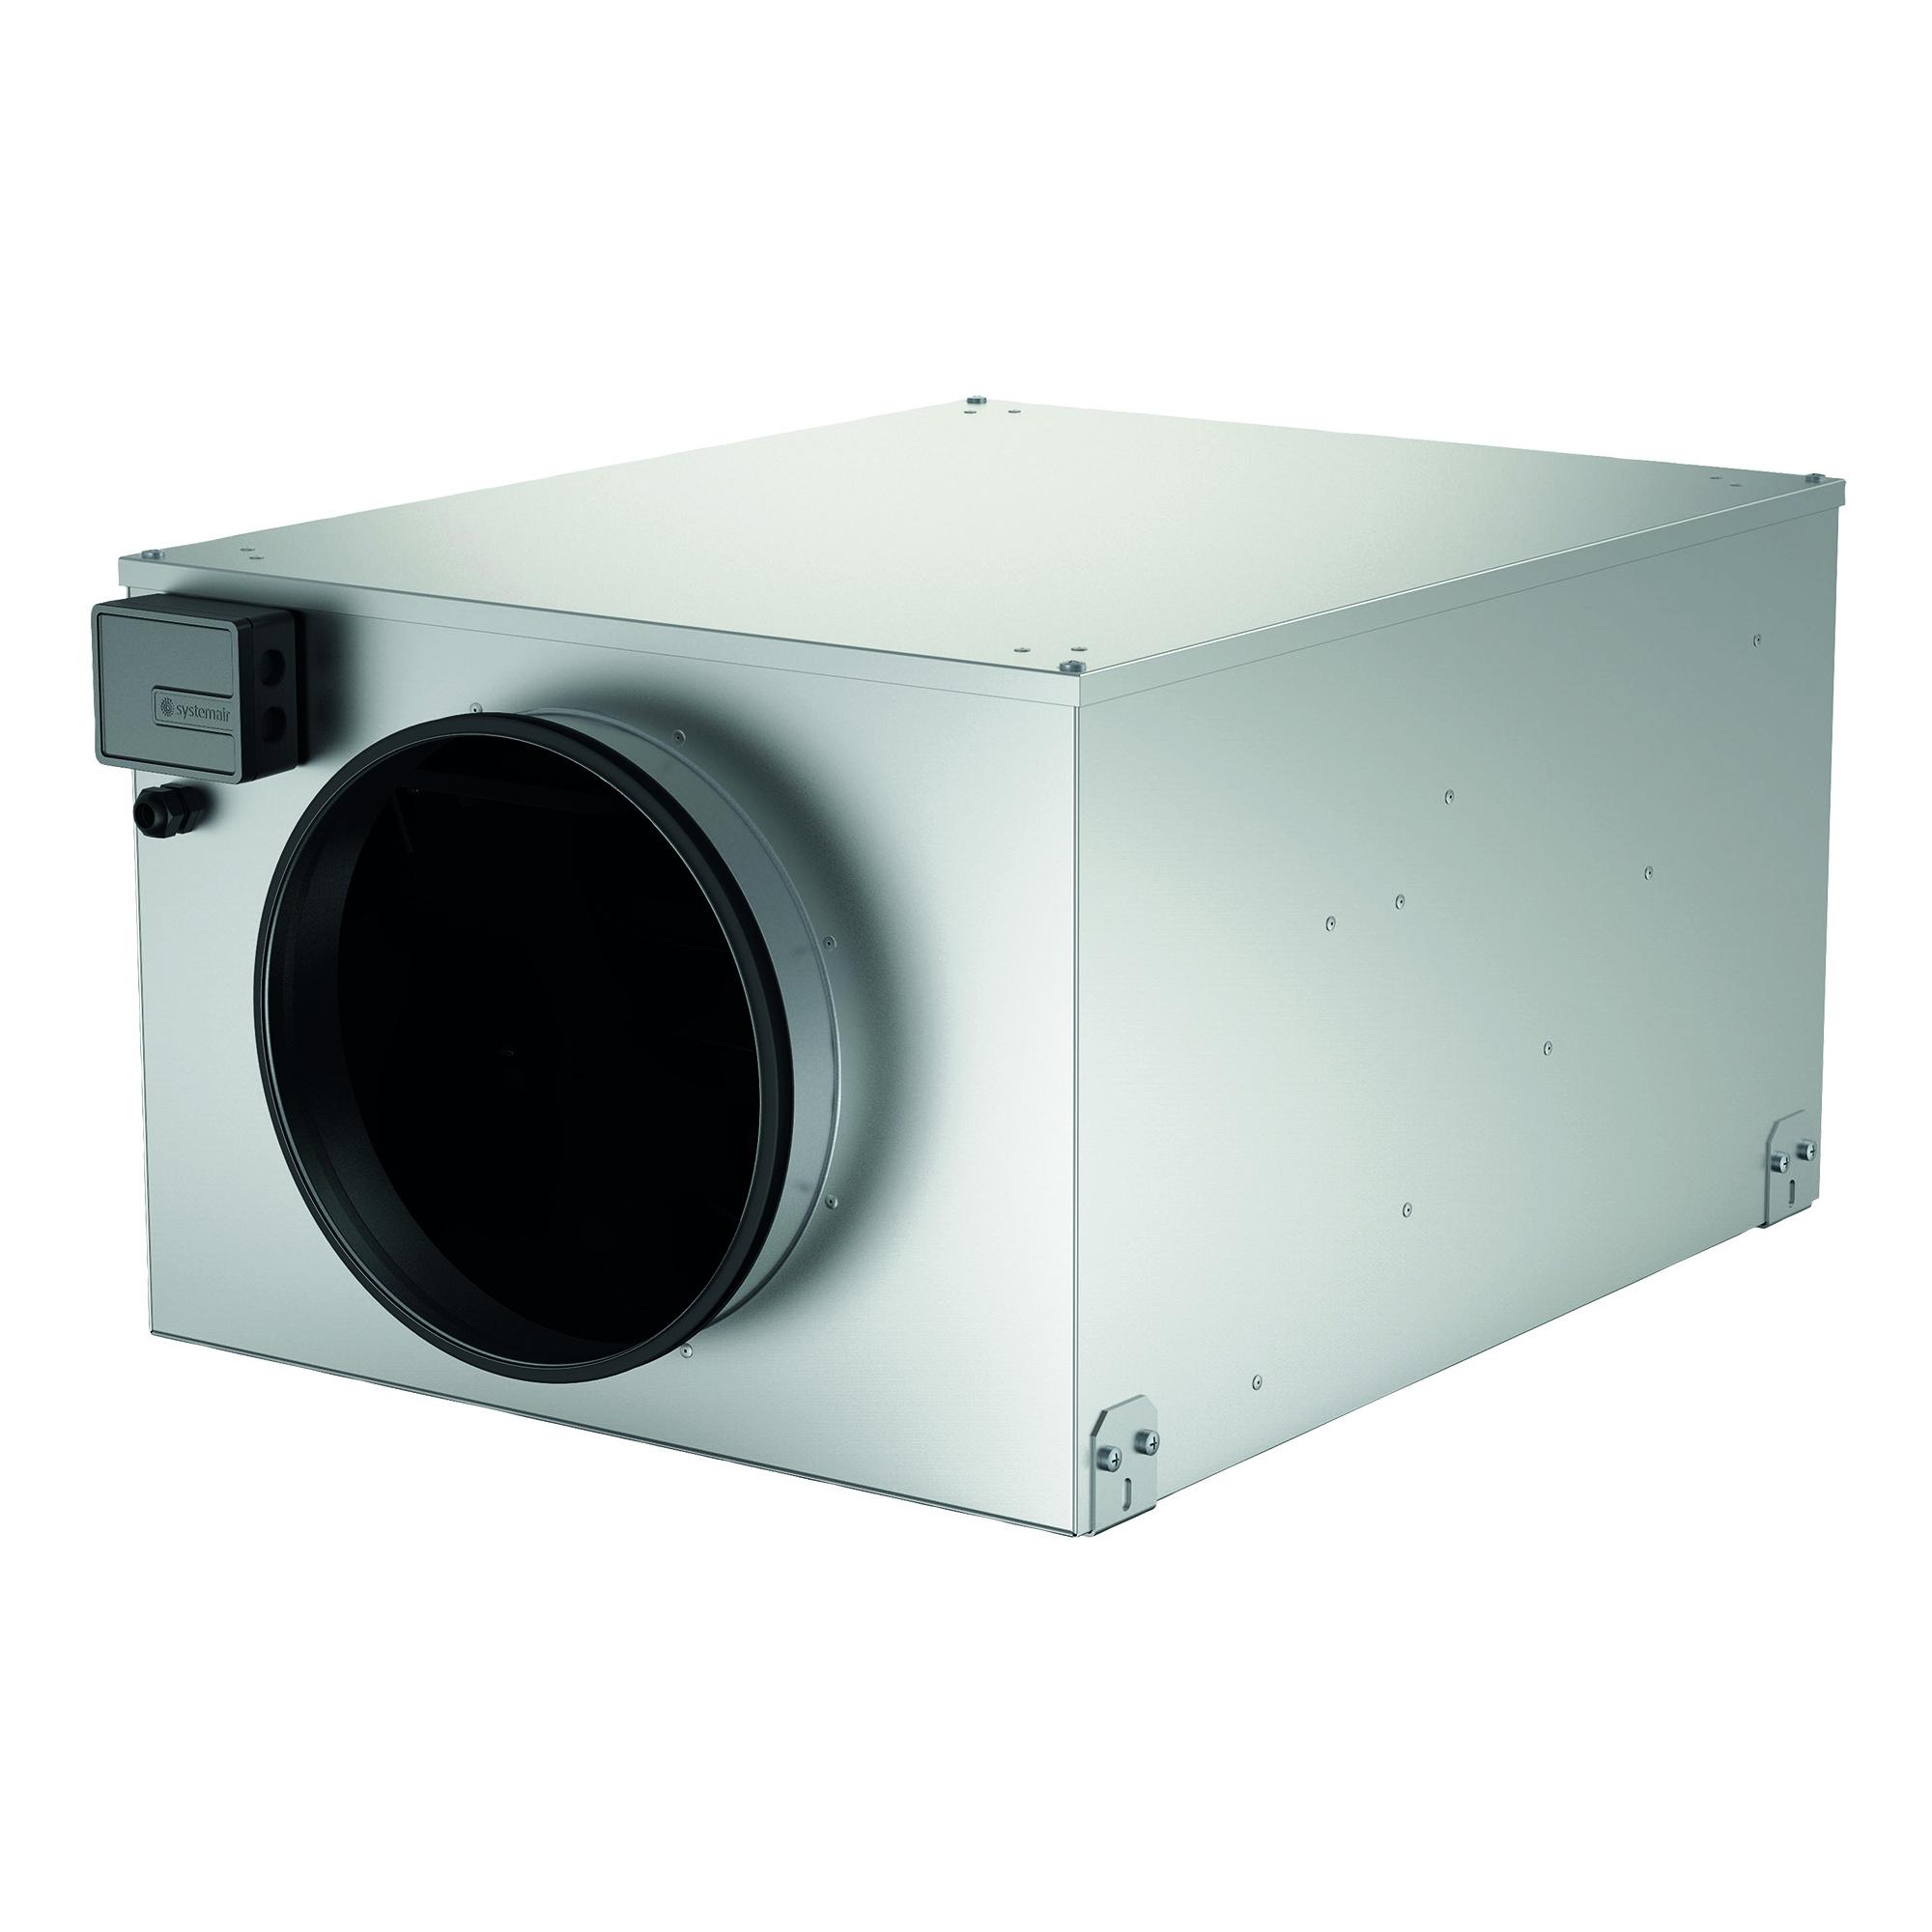 box-ventilatoren-1